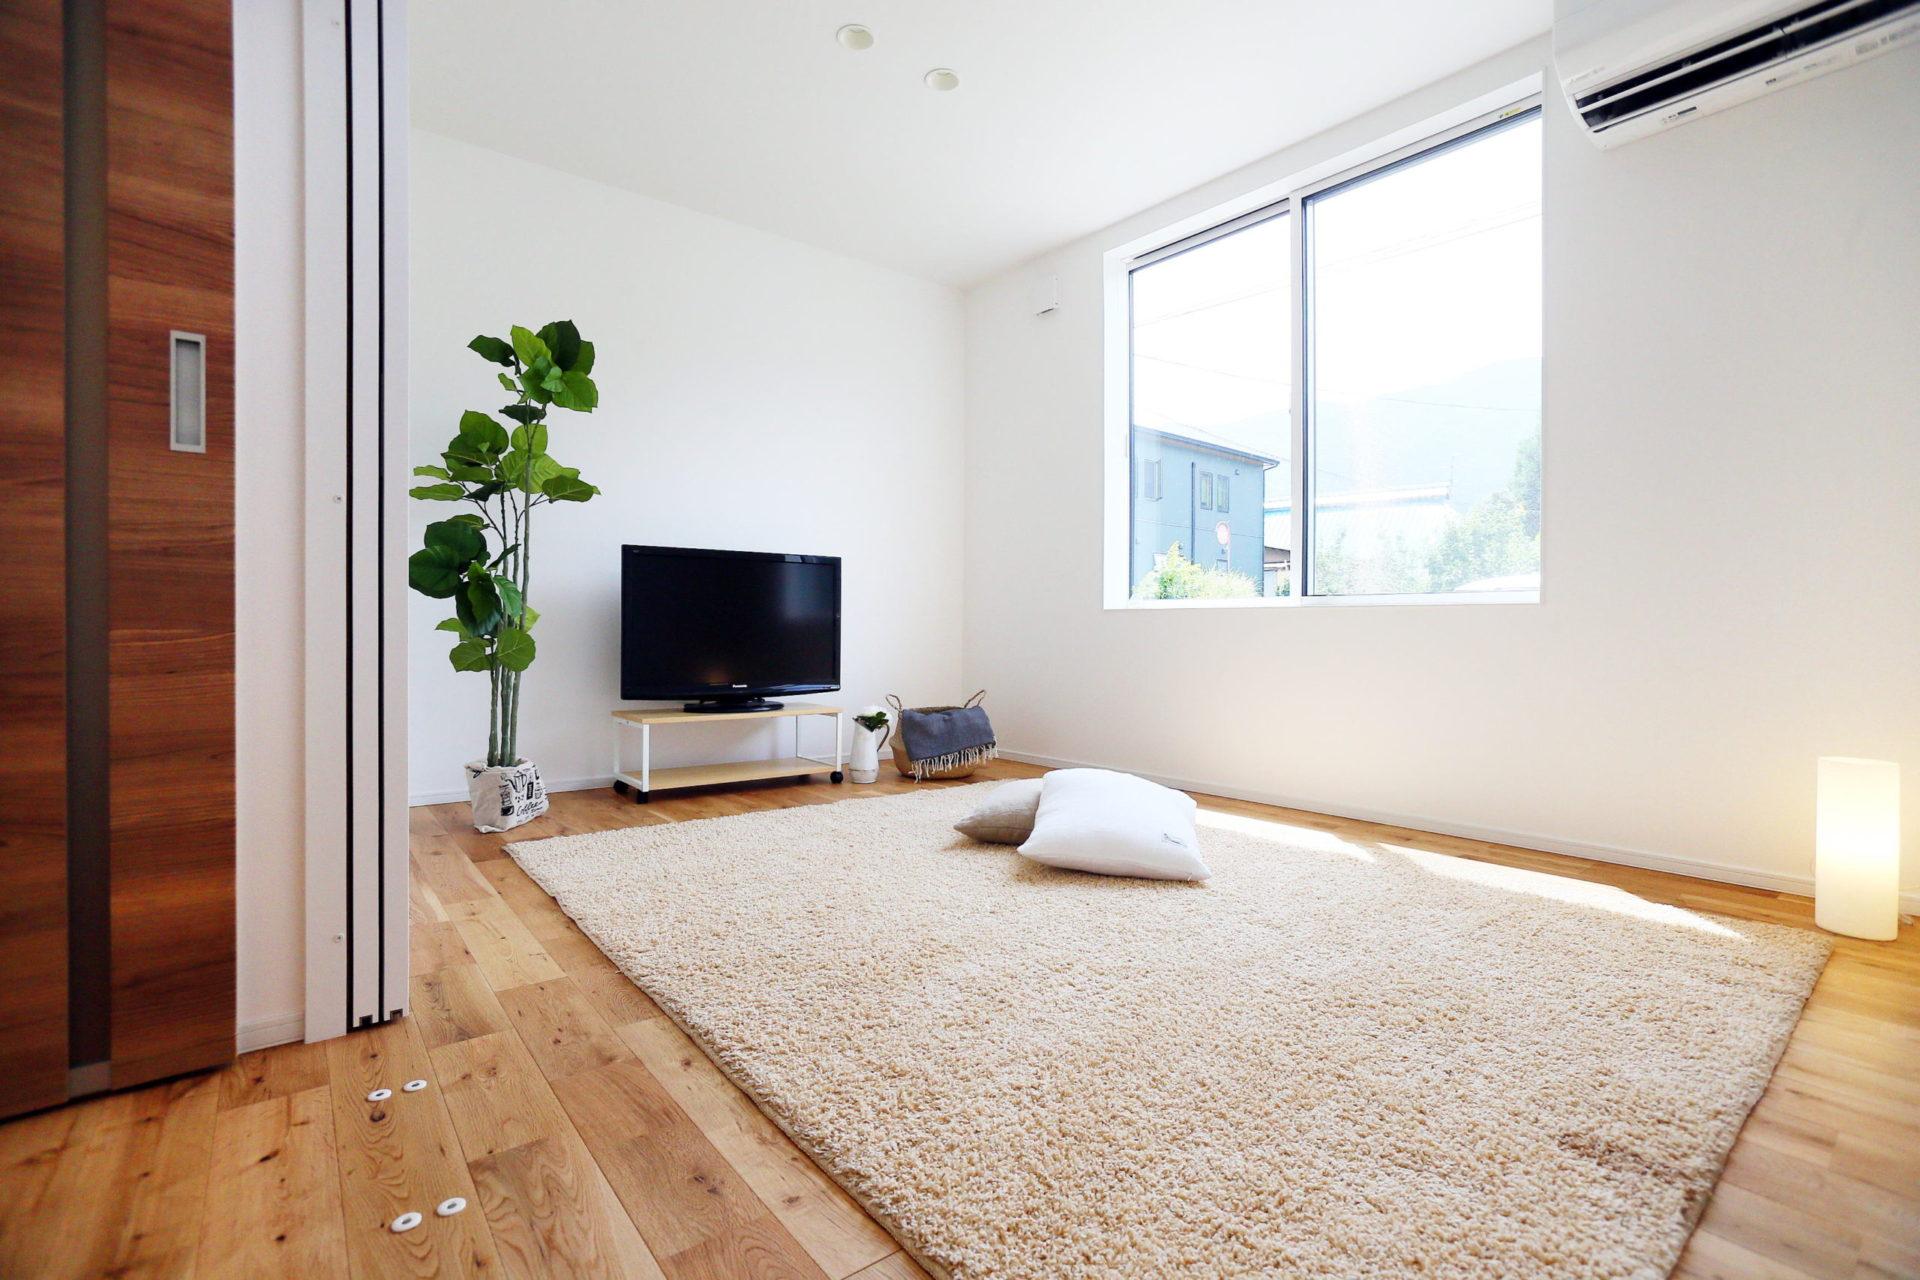 豊かな自然に映える 白い外壁の須坂市の家5